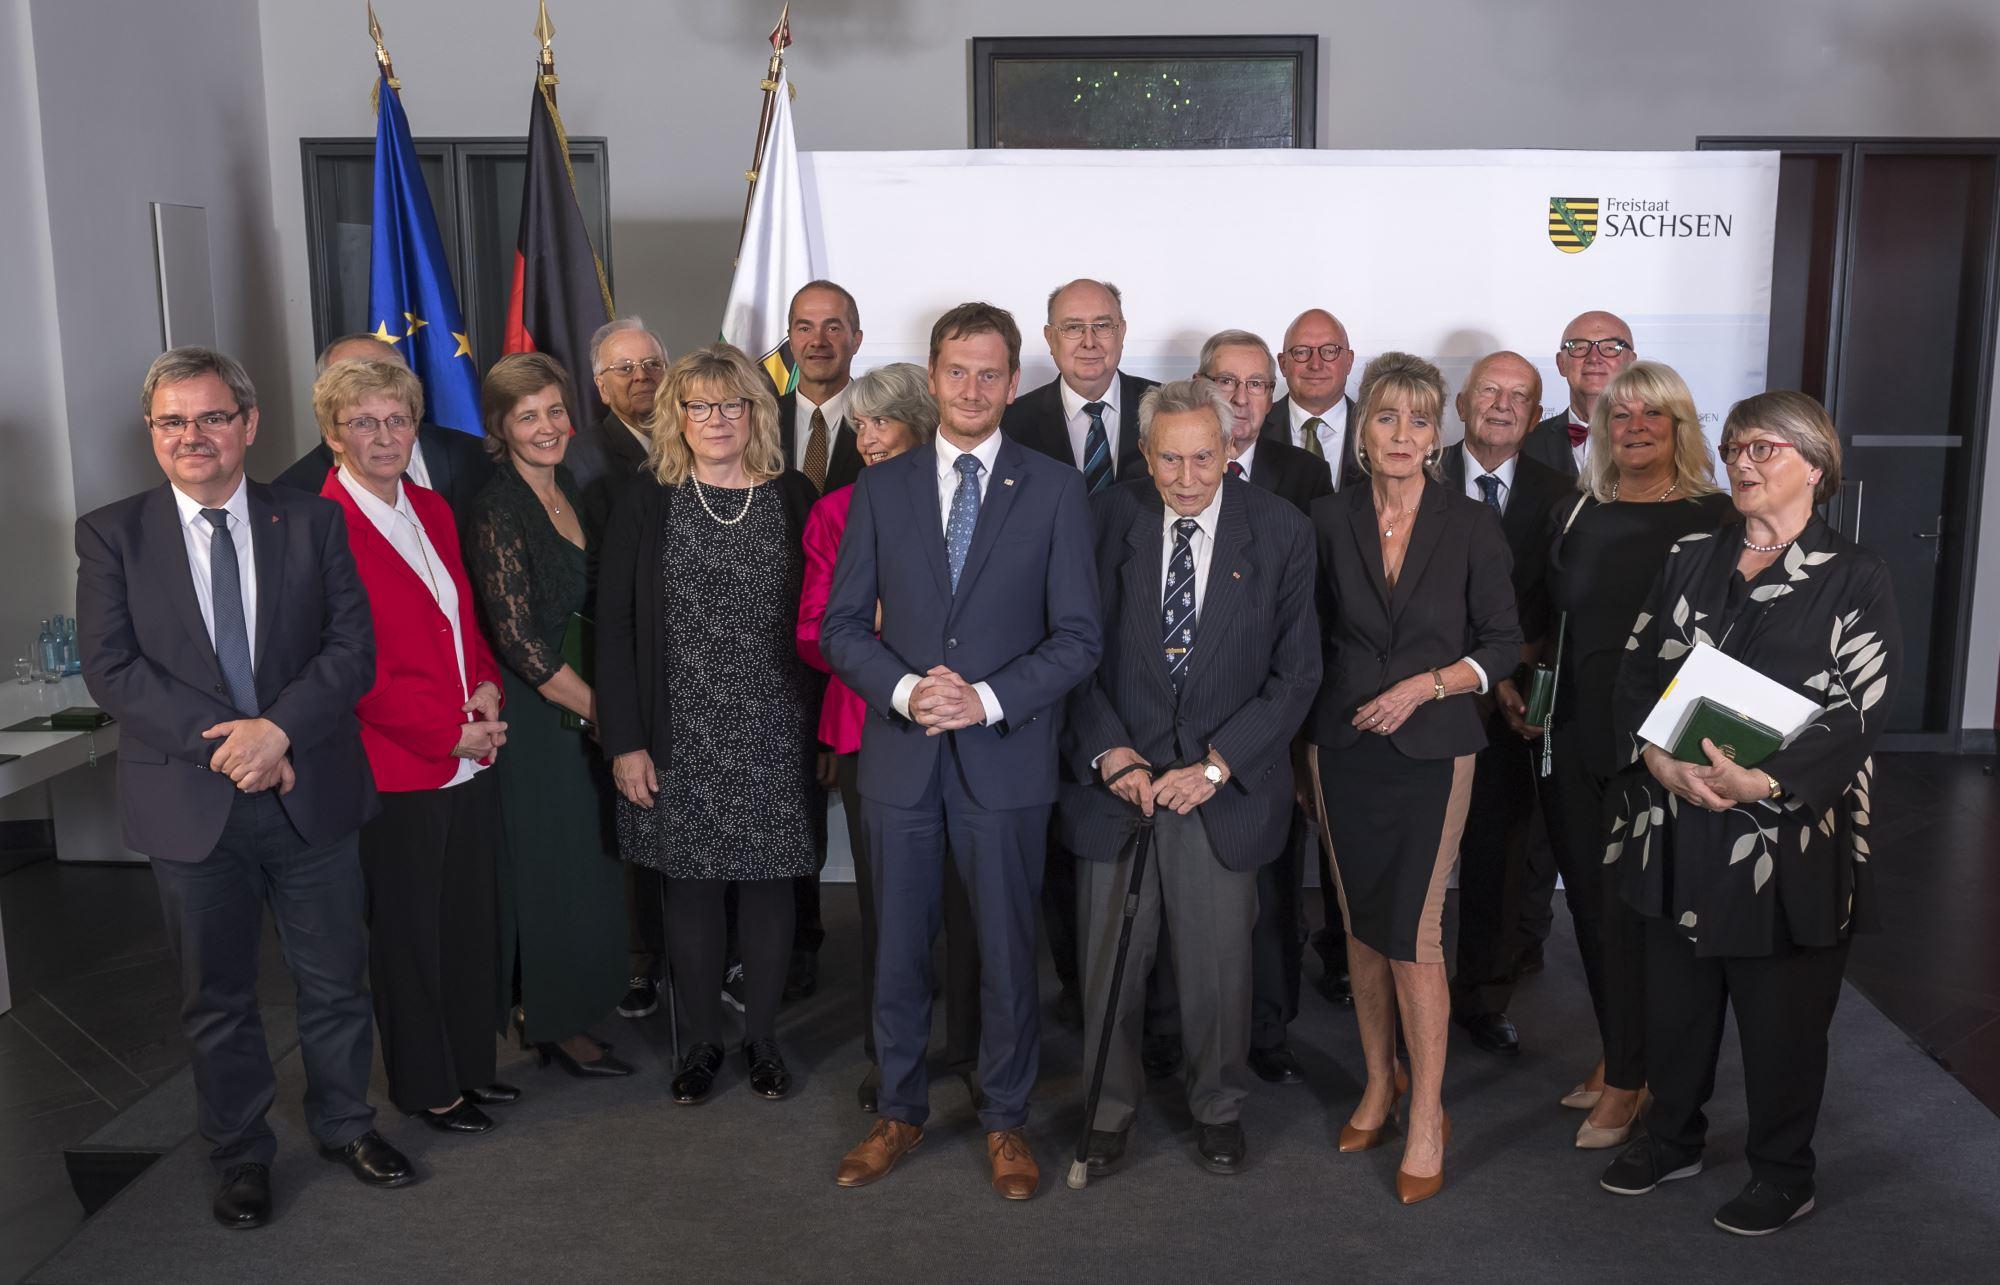 Prof. em. Dr. Felix Kolmer rechts neben Michael Kretschmer, dem Ministerpräsidenten des Freistaates Sachsen